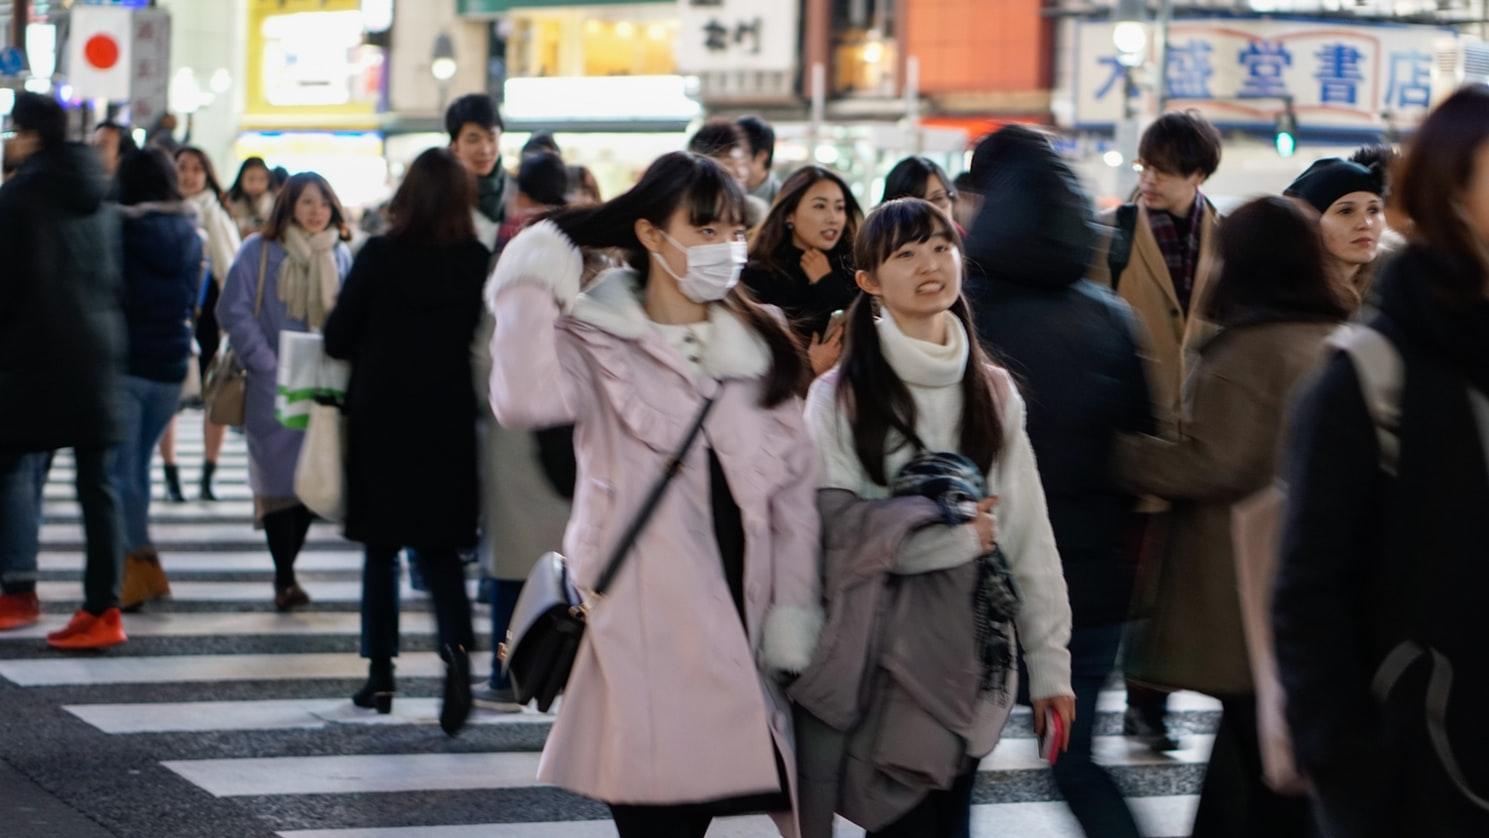 Des personnes dans une rue de Tokyo, au Japon.